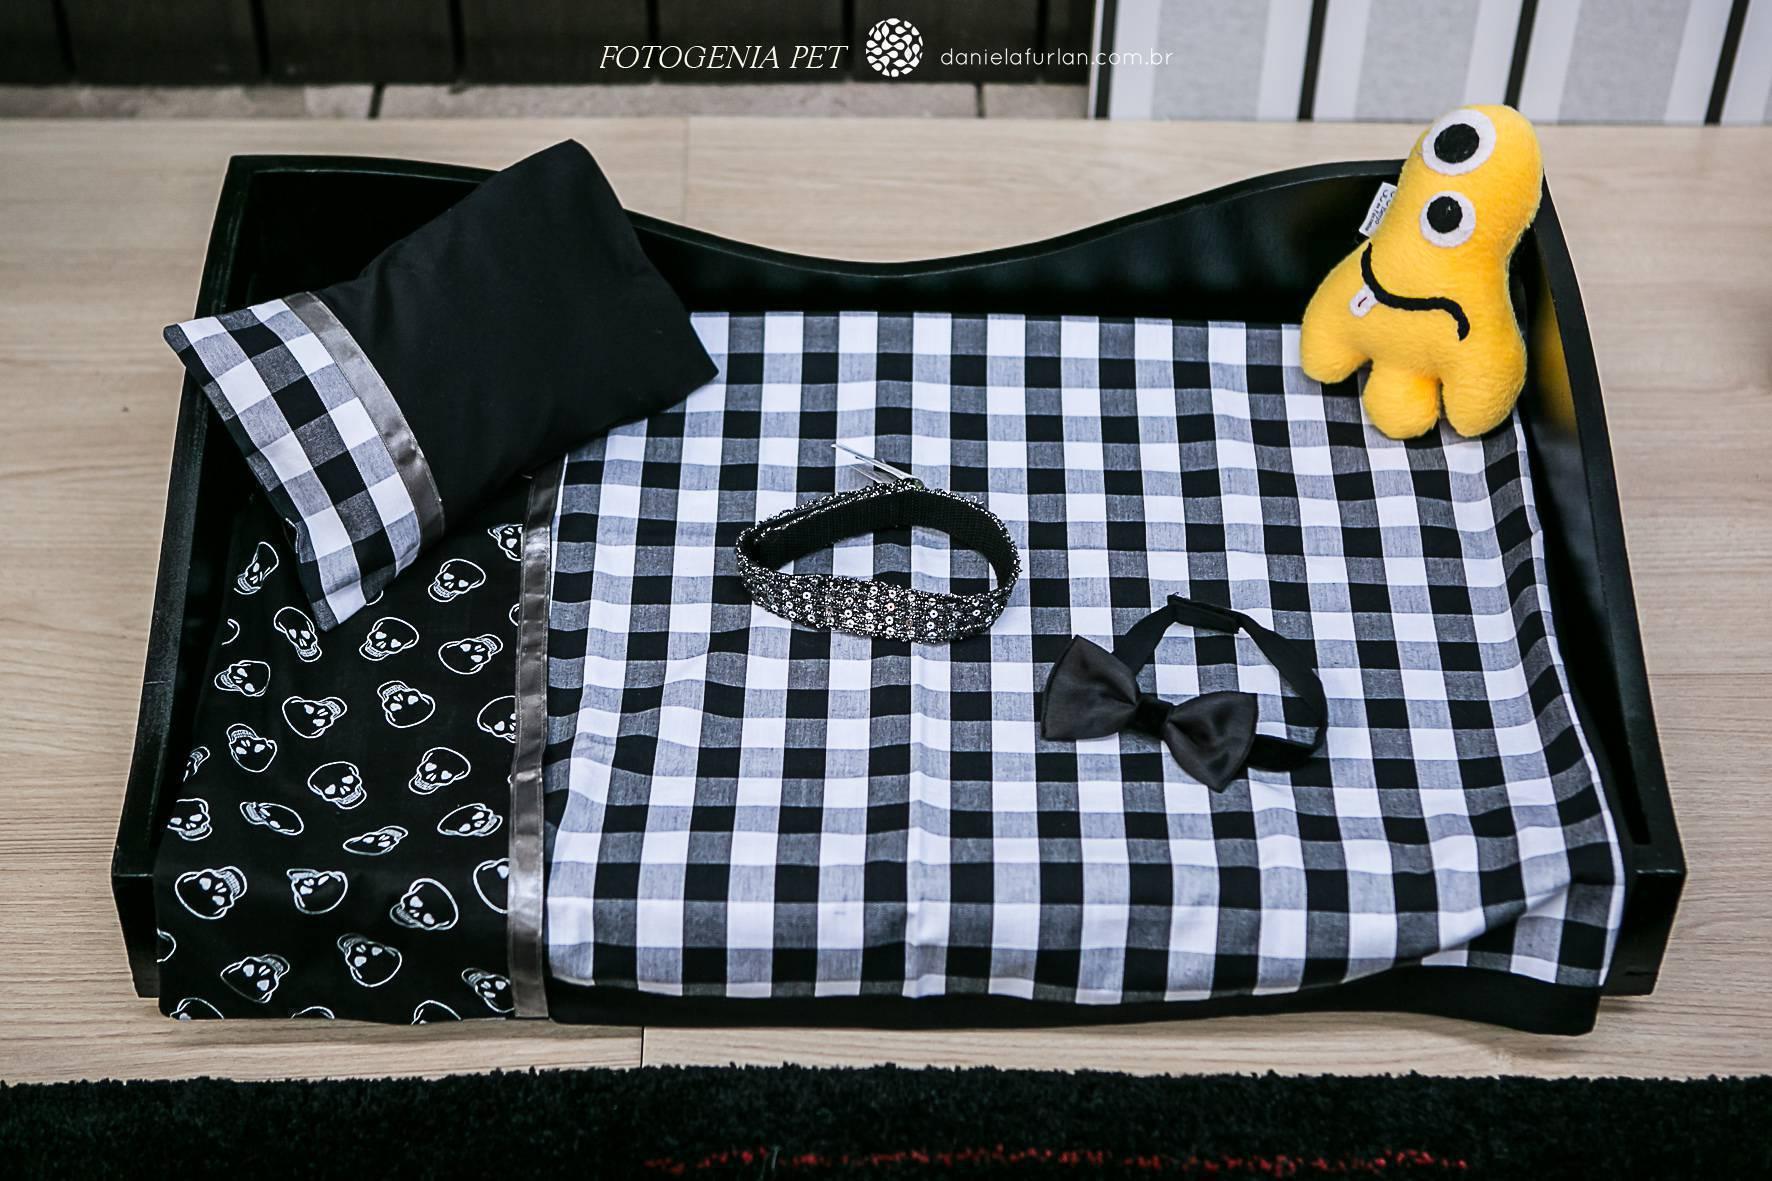 Decoração para pets - cama listrada